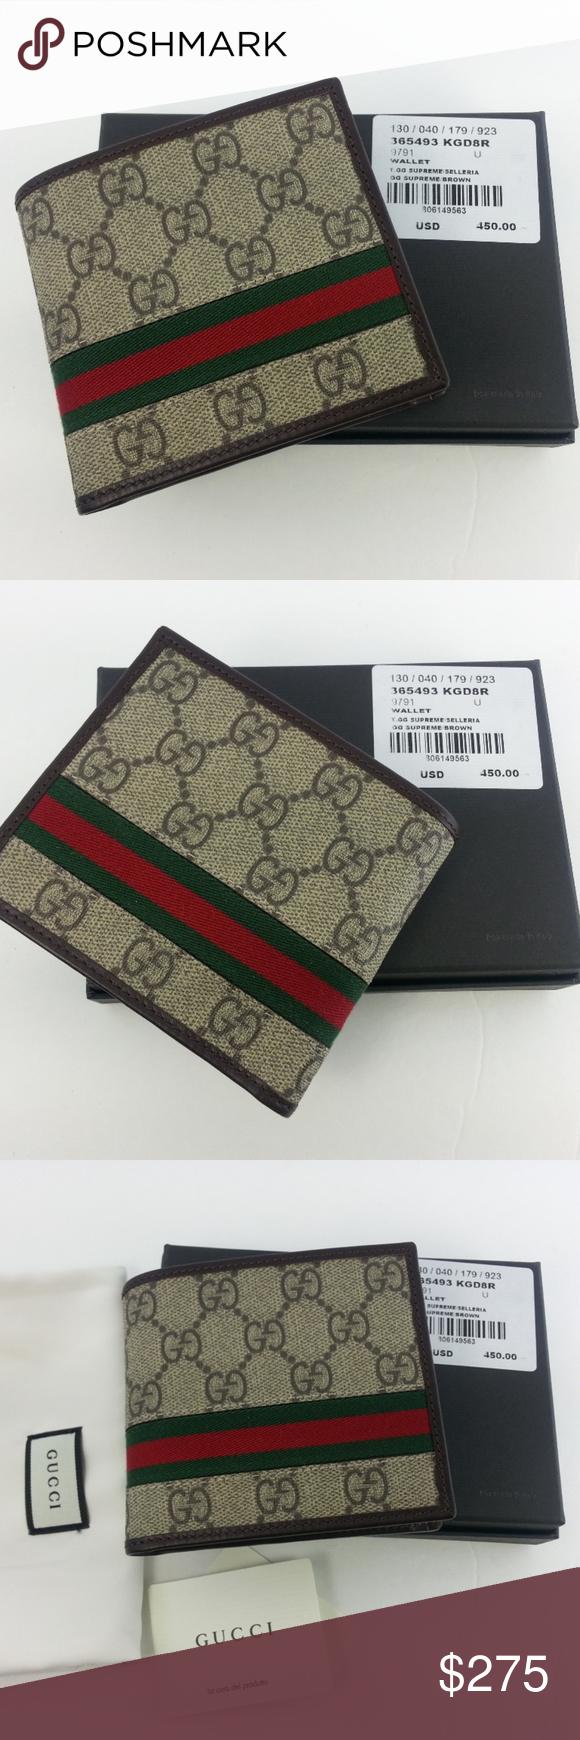 29c5718d99fb Gucci Mens GG Supreme Web Bifold Canvas Wallet GUCCI official Gucci Mens GG  Supreme Web Bifold